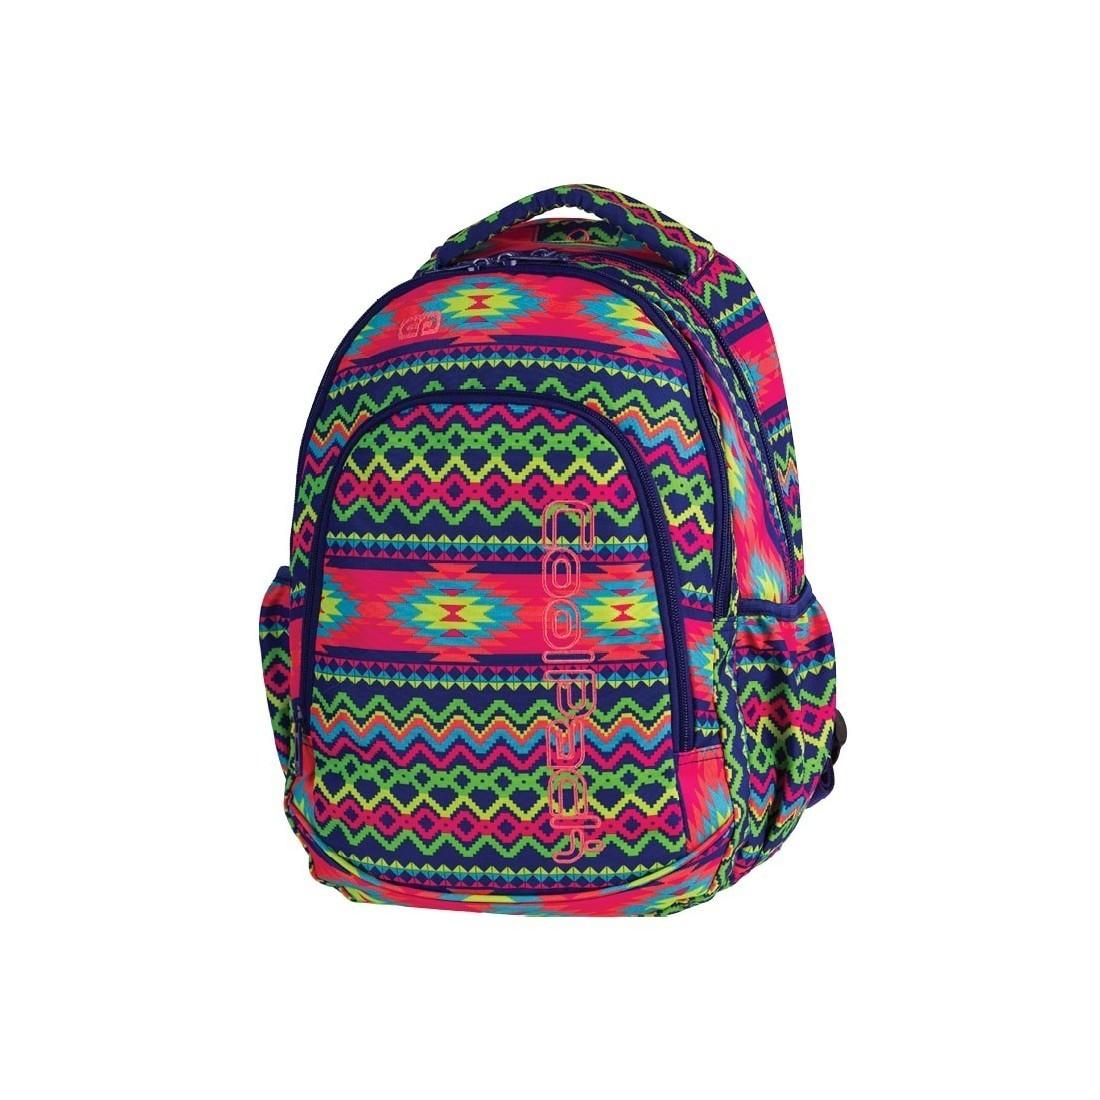 4c106bdb43eb6 CoolPack CP PRIME BOHO ELECTRA Aztec Boho plecak dla pierwszoklasisty azteckie  wzory dla dziewczynki - 1061